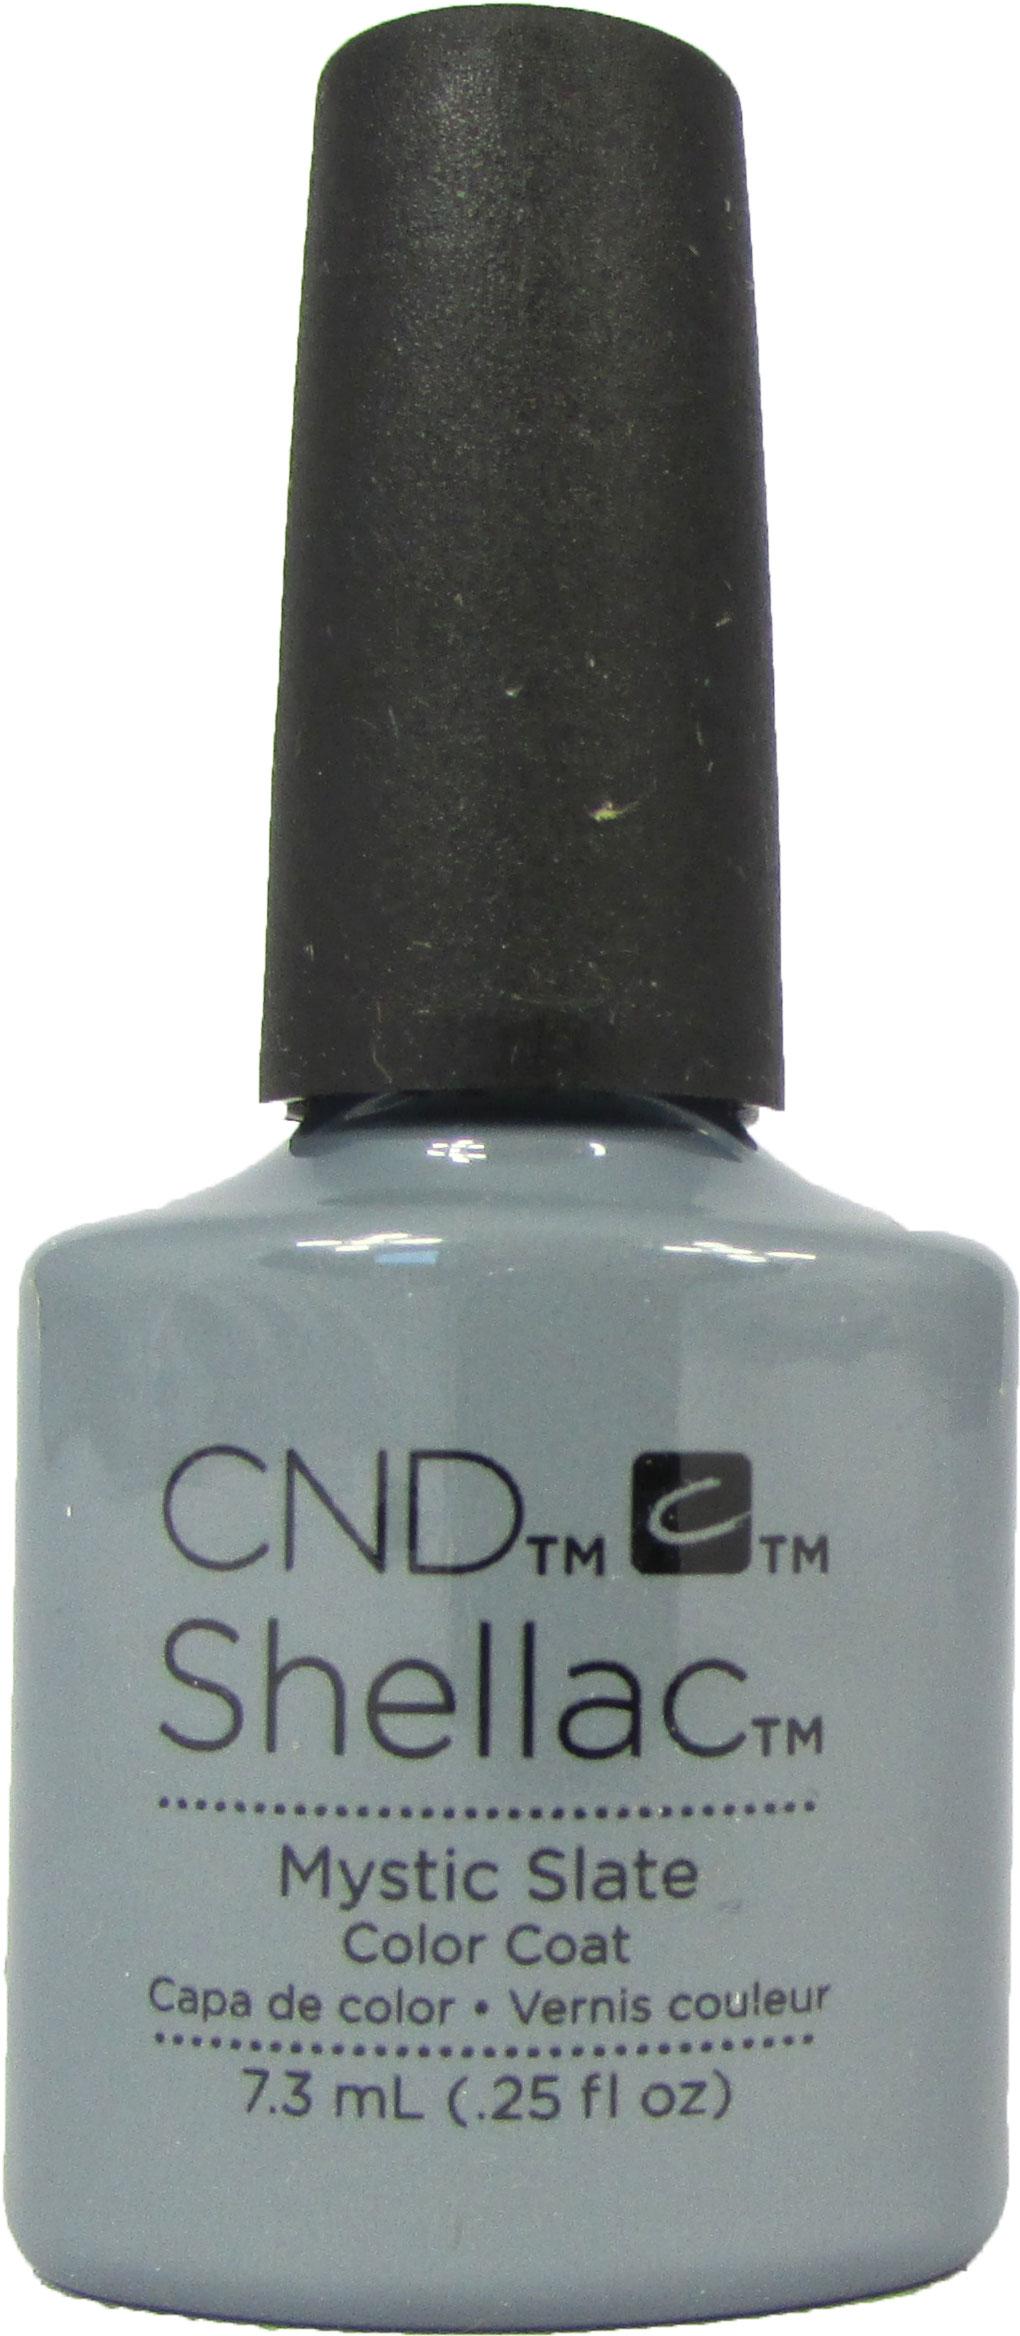 Cnd Creative Play Nail Lacquer Reviews In Nail Polish: Classy Nails